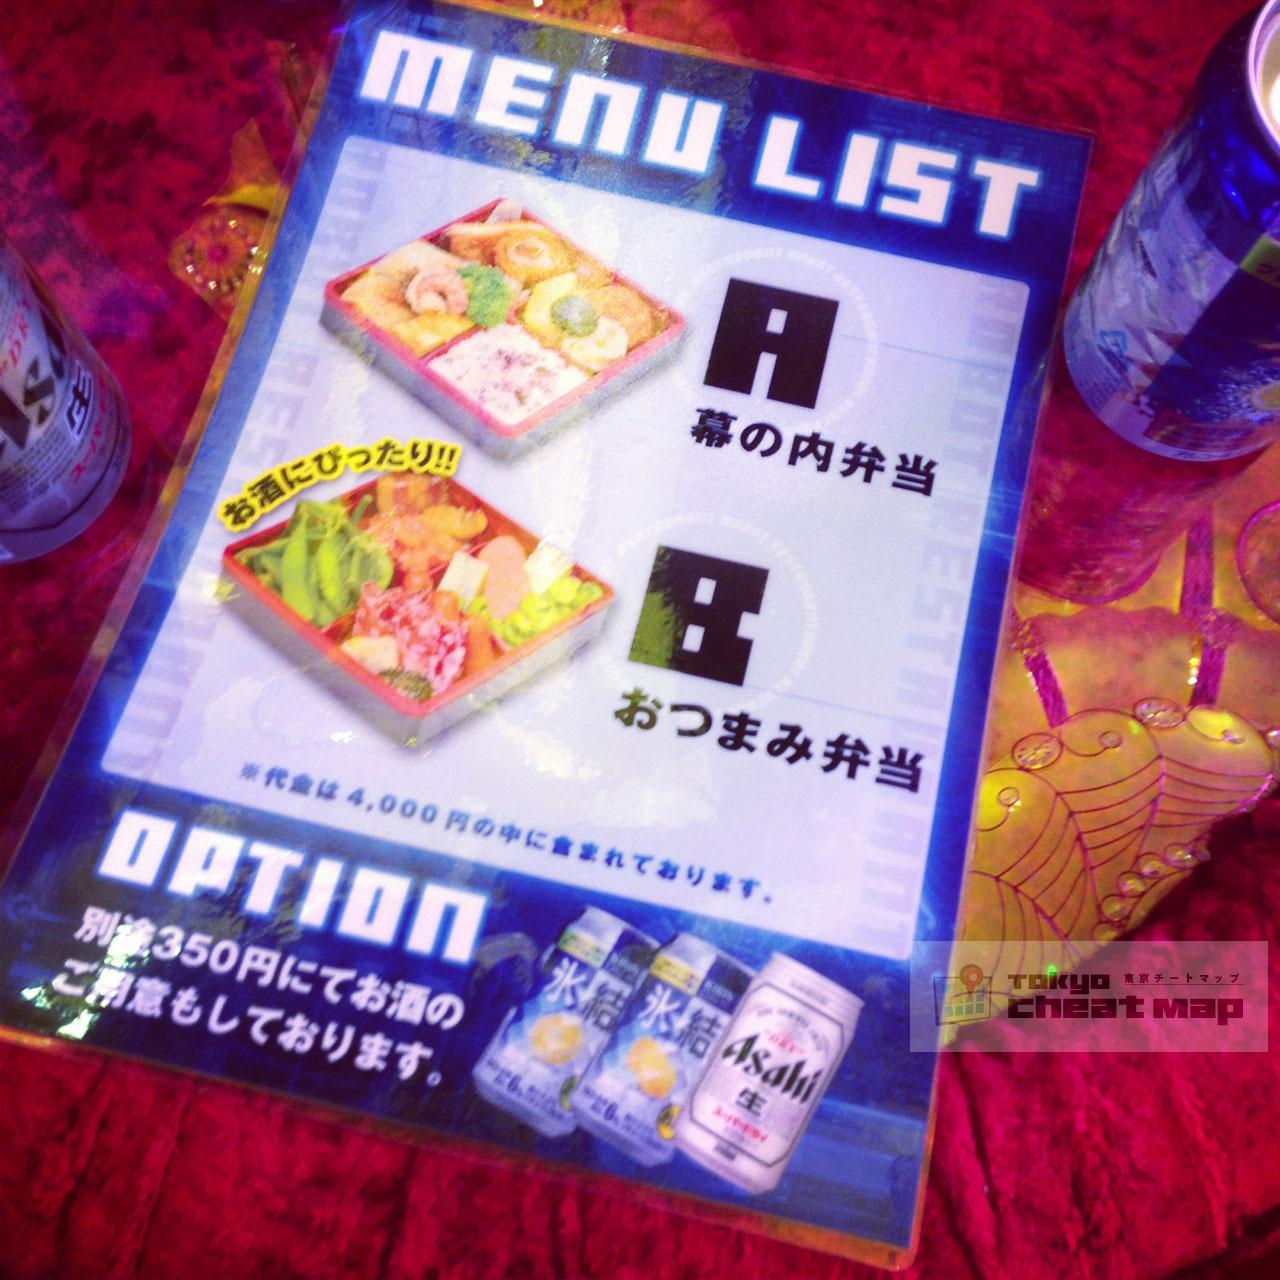 ロボットレストランのシステム